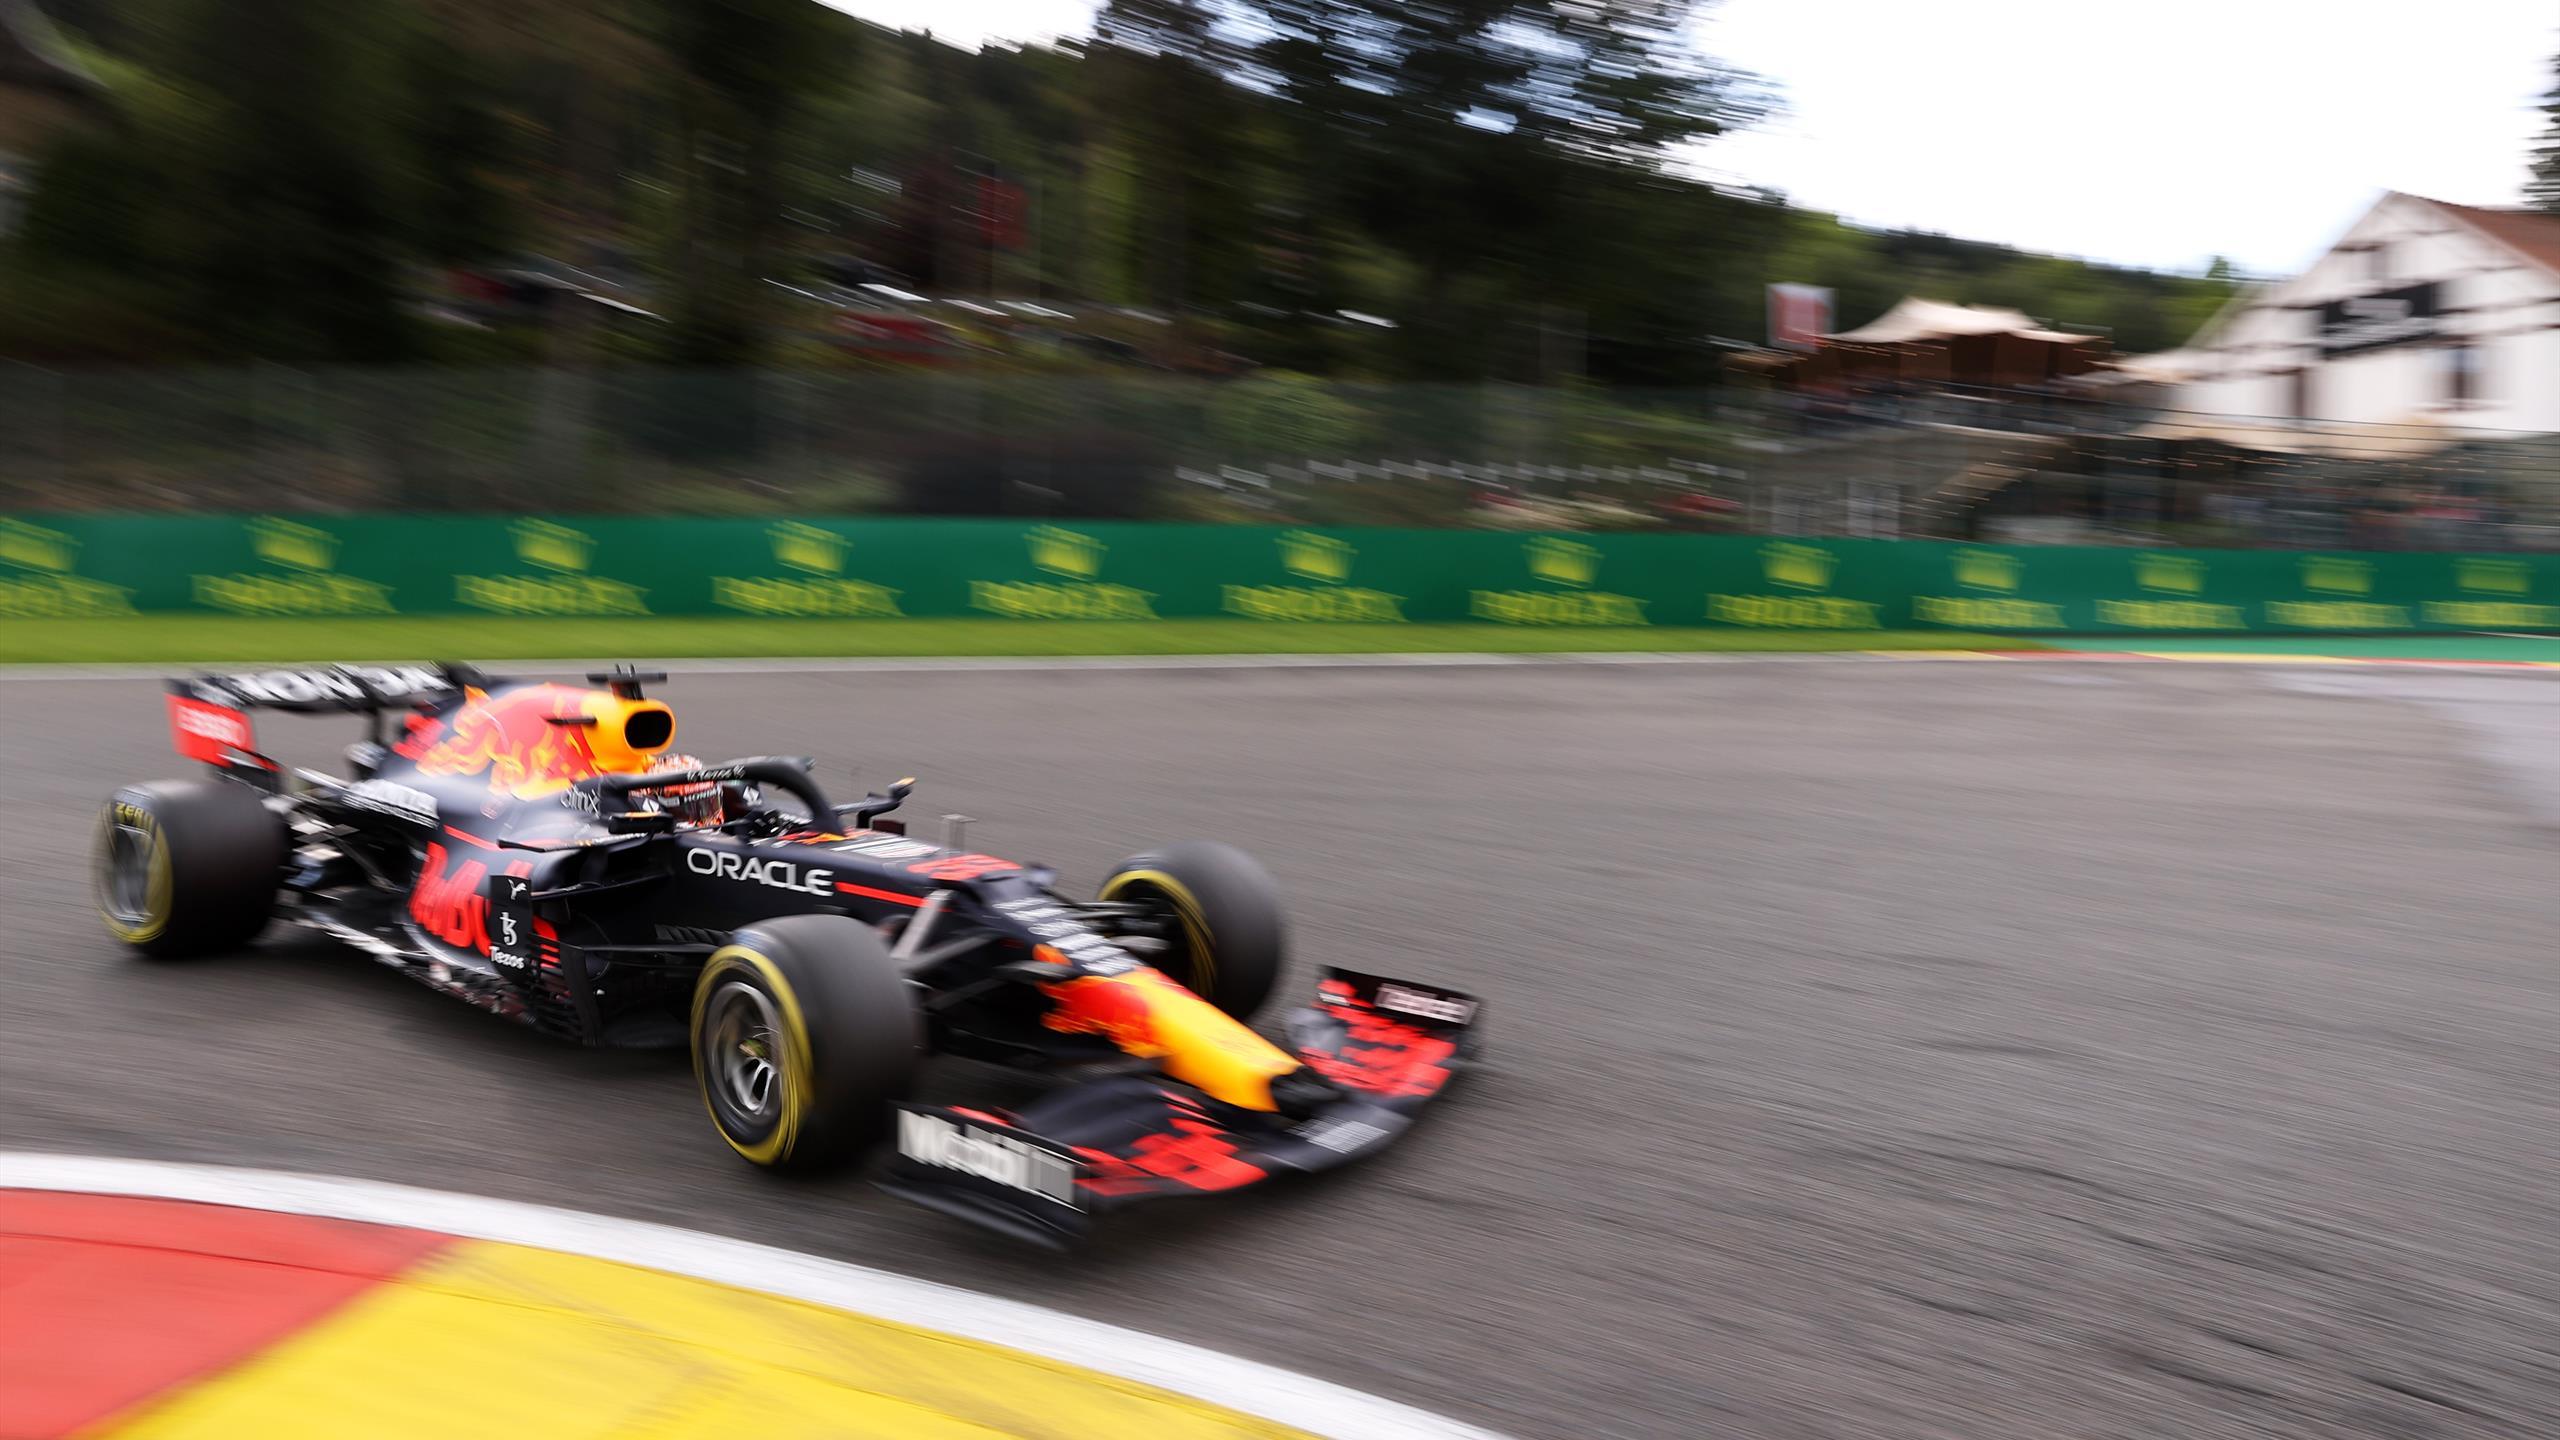 Verstappen Tops Second Practice of Belgian Grand Prix